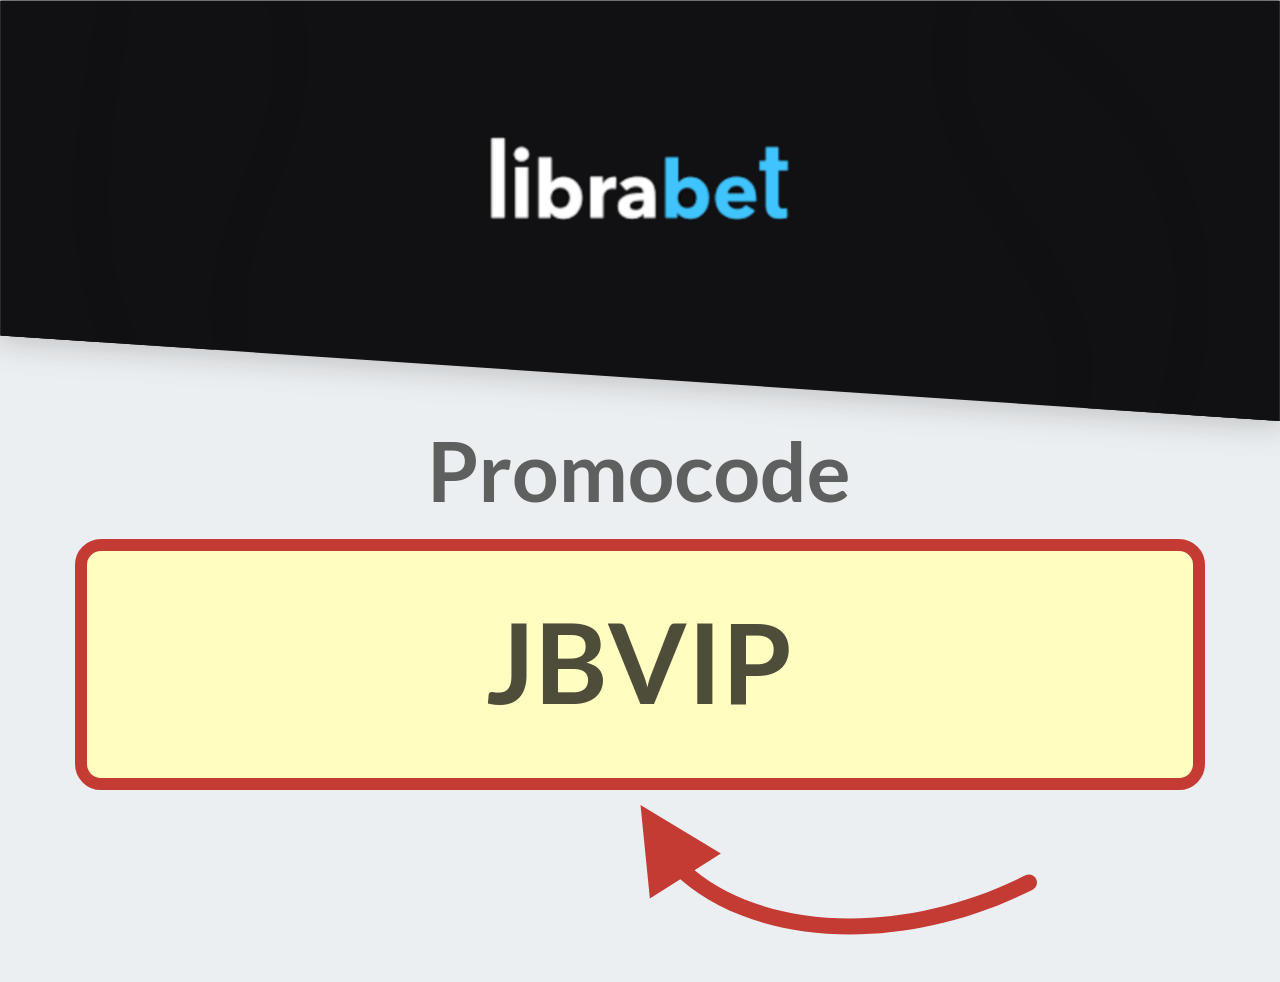 Librabet Promo Code